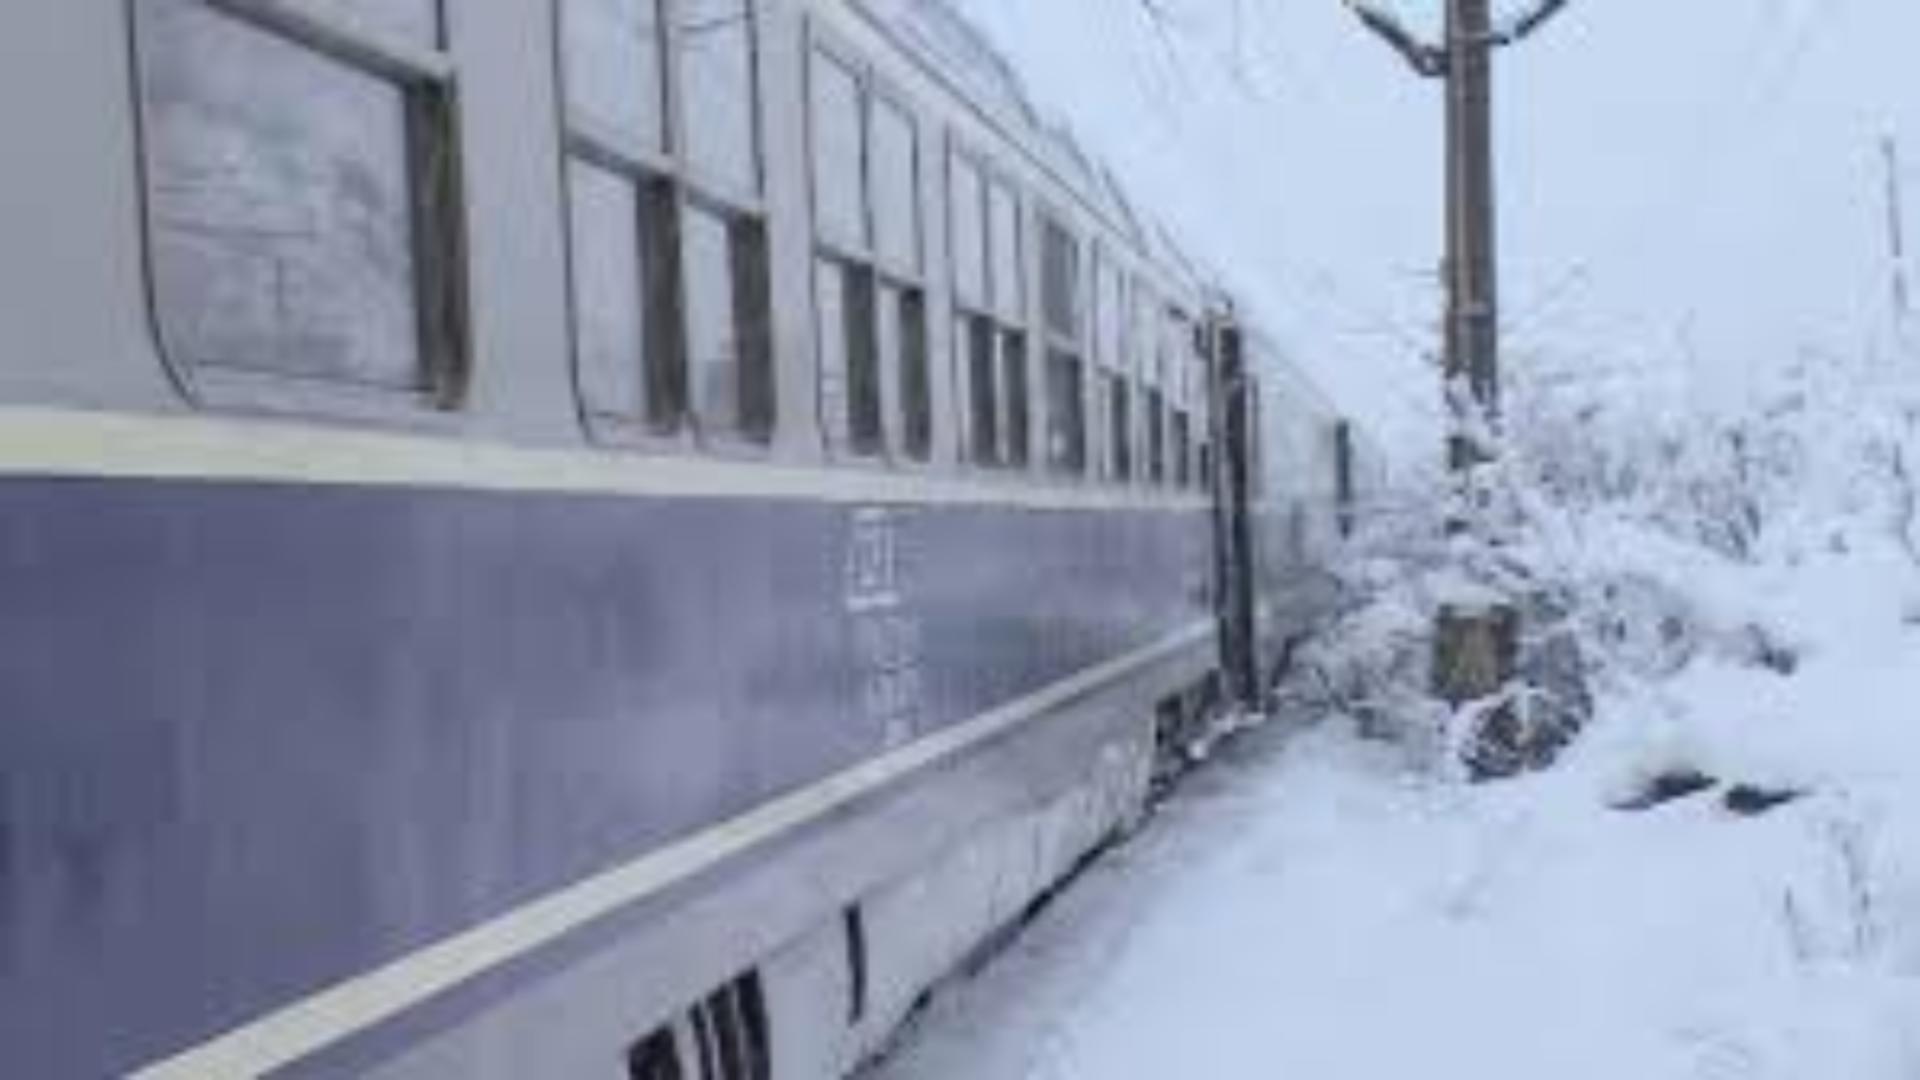 Tren blocat de zăpadă (foto arhivă)